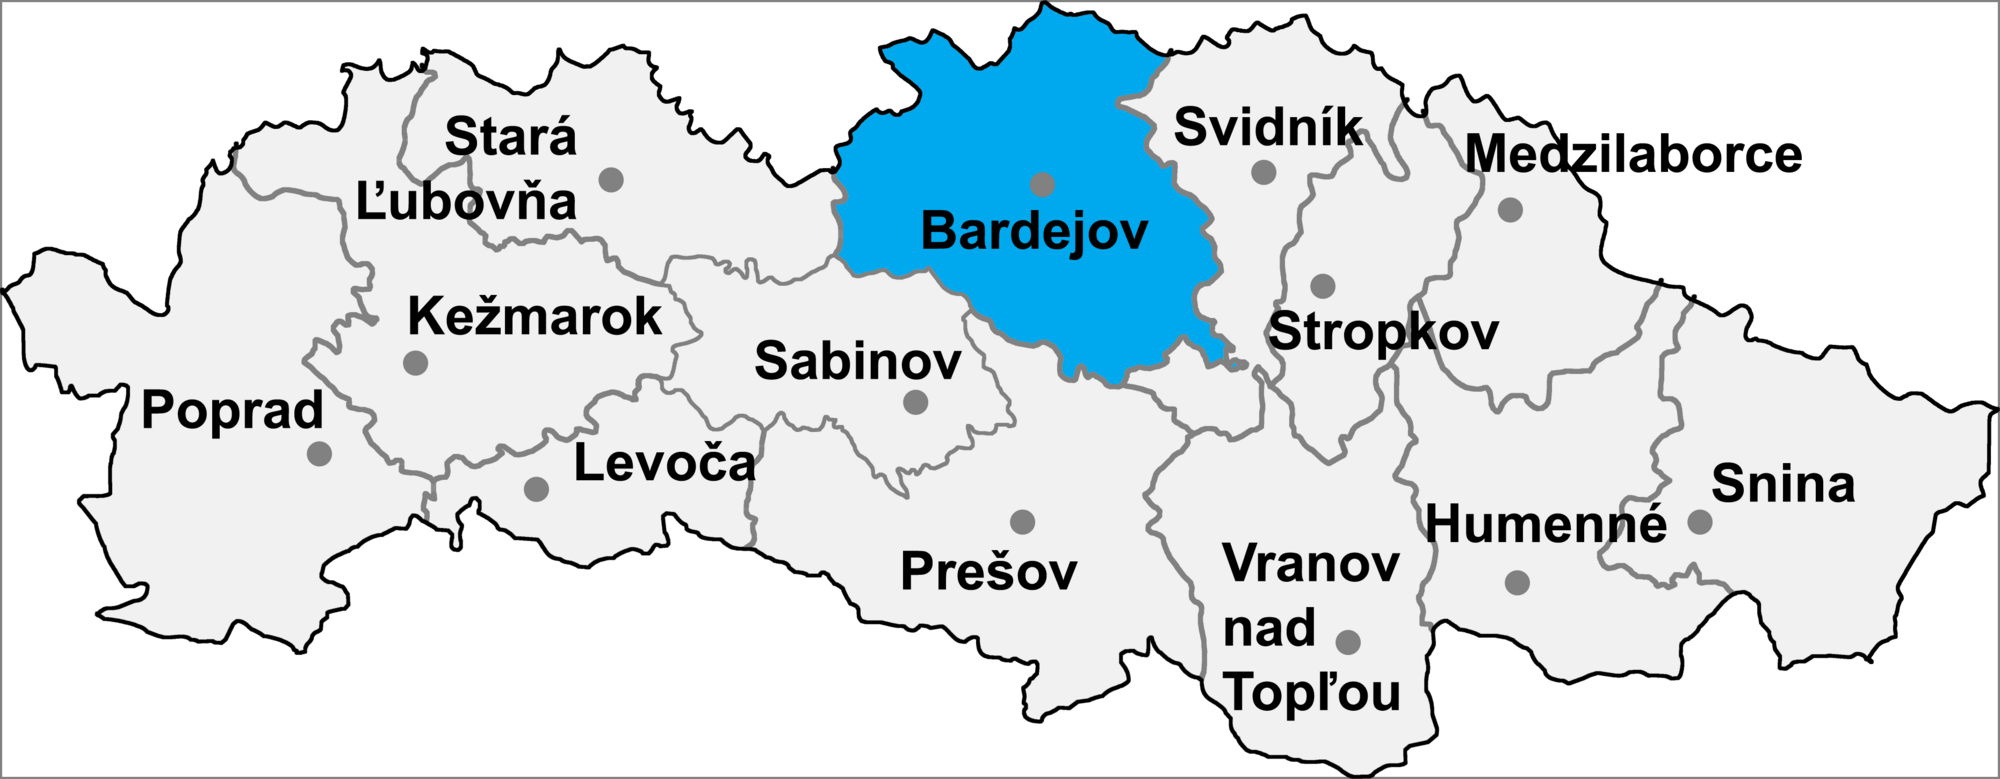 Bildergebnis für bardejov bartfeld landkarte